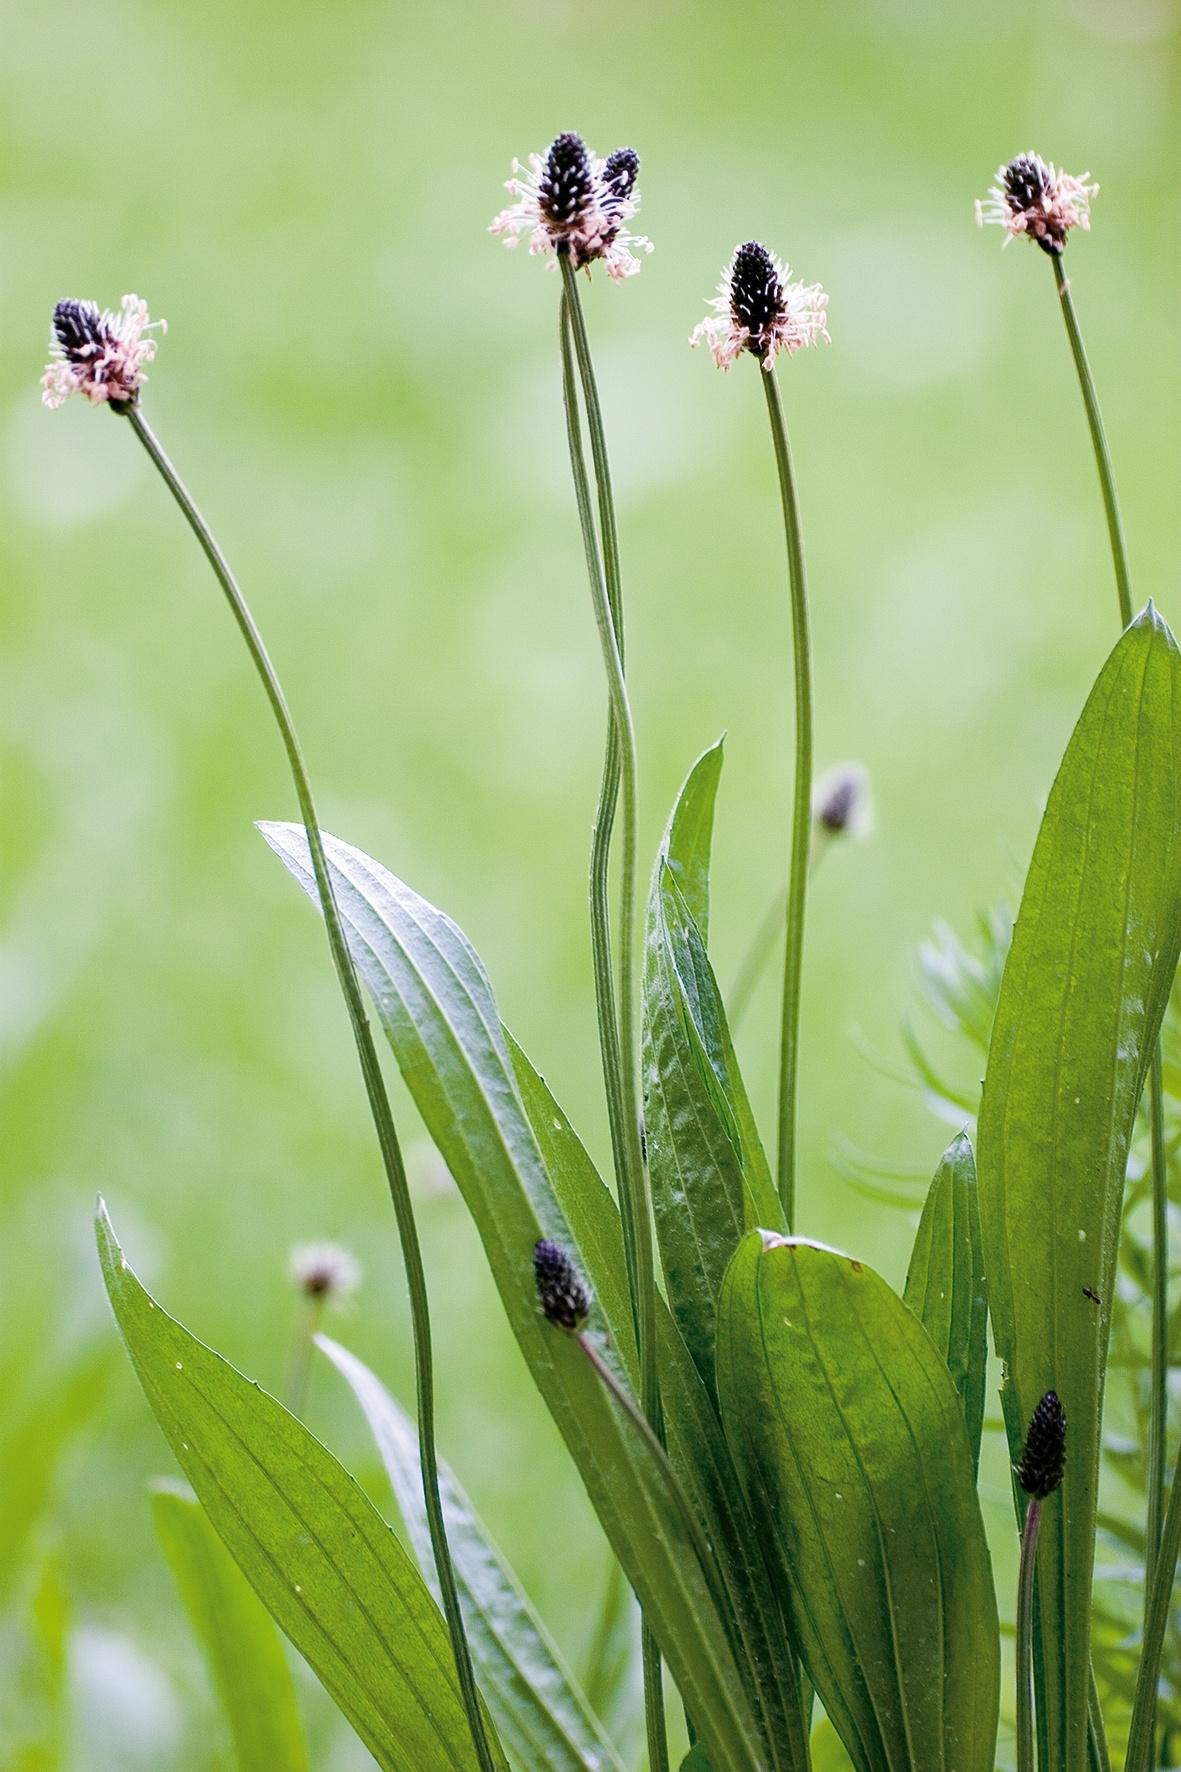 spitzwegerich arzneipflanze des jahres 2014 auch in der wala plantago linie gesundheit adhoc. Black Bedroom Furniture Sets. Home Design Ideas